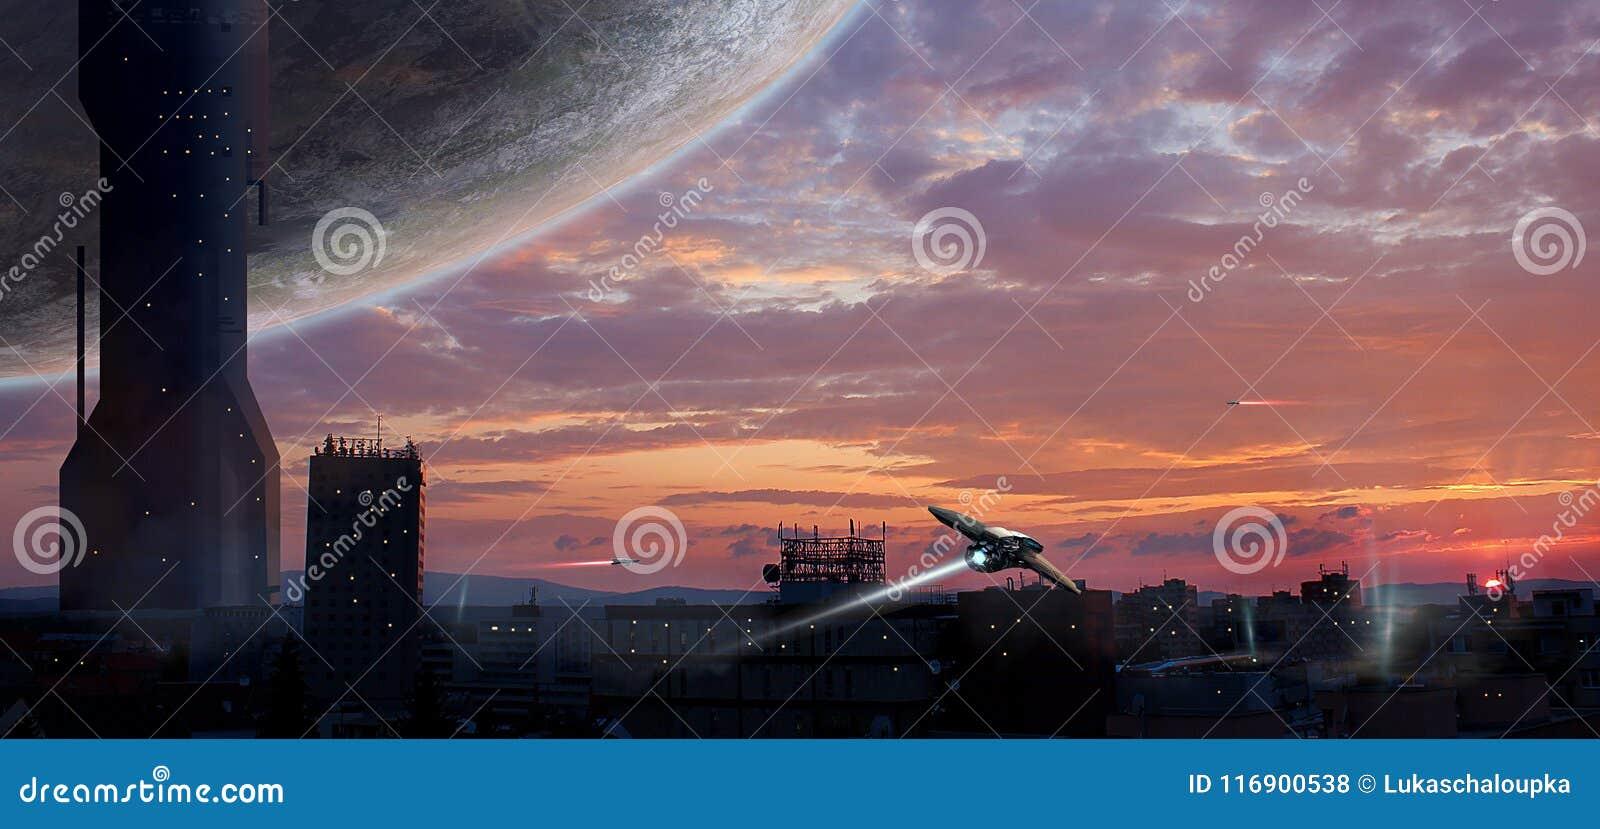 Sciencefictionsstadt mit Planeten und Raumschiffen, Fotomanipulation, Elem